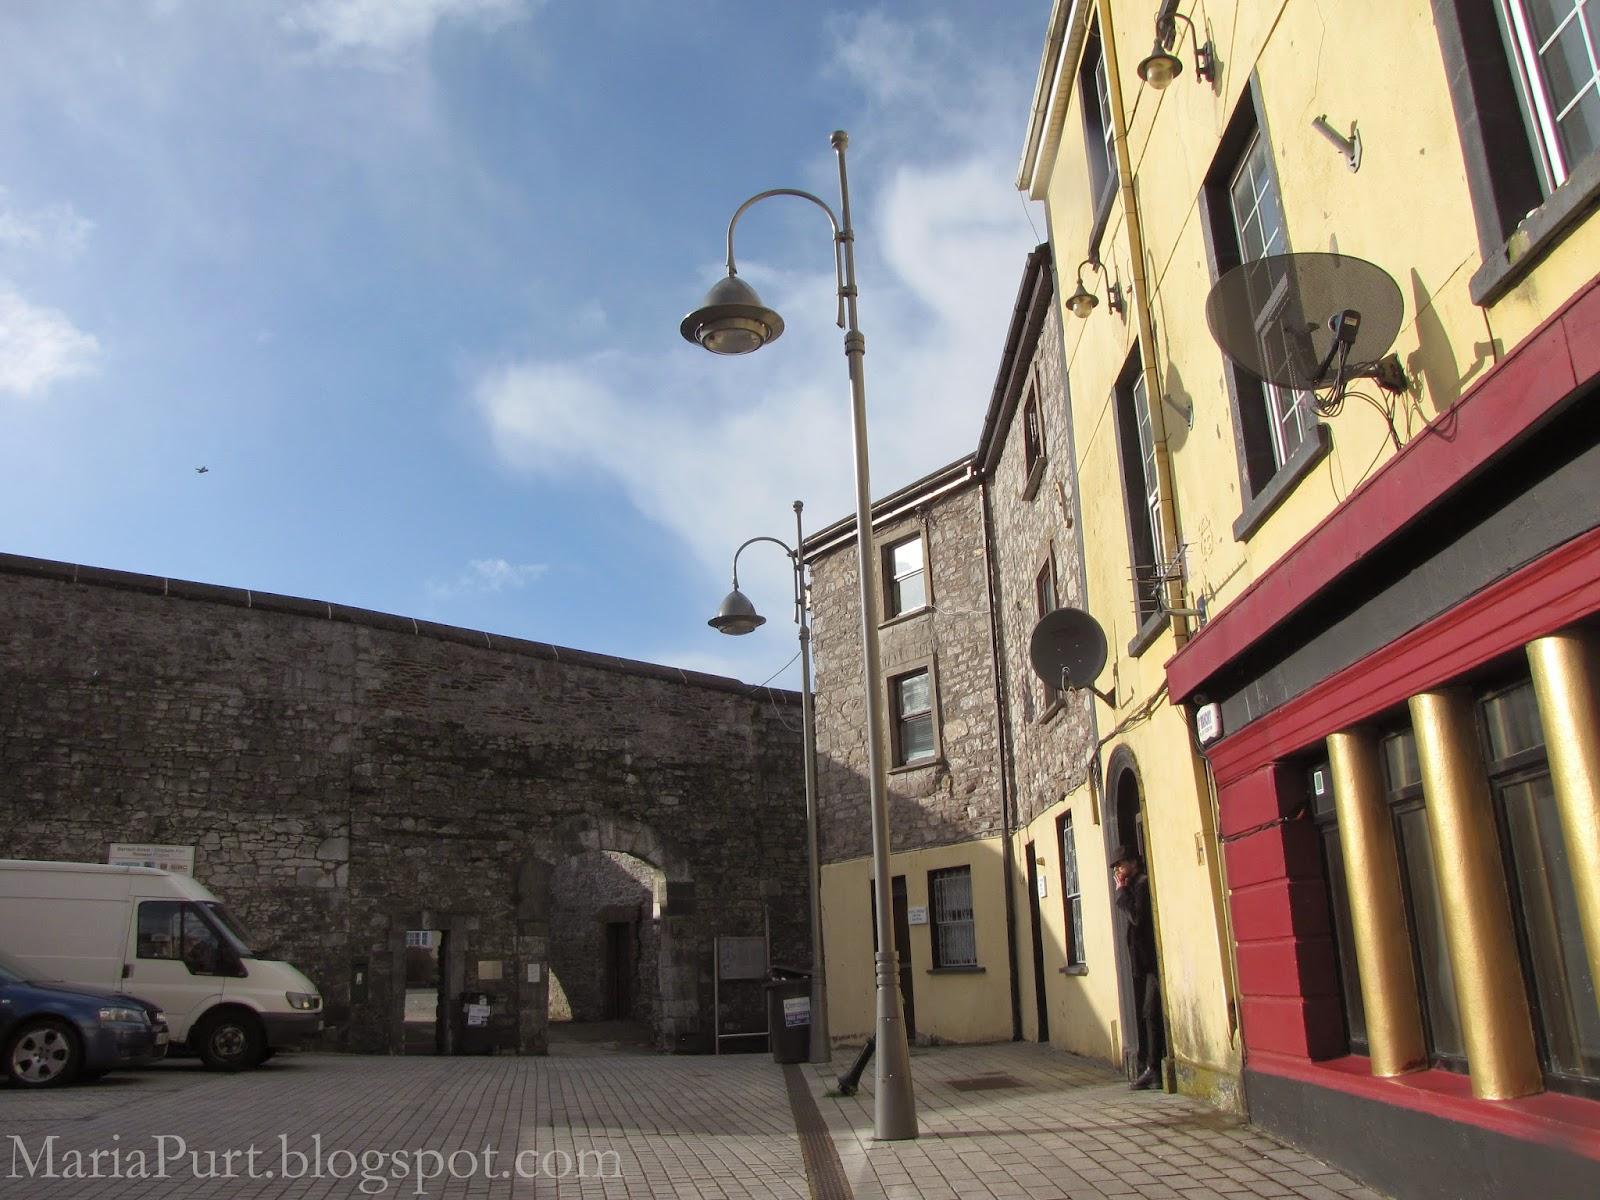 Уютная улочка в Корке, Ирландия